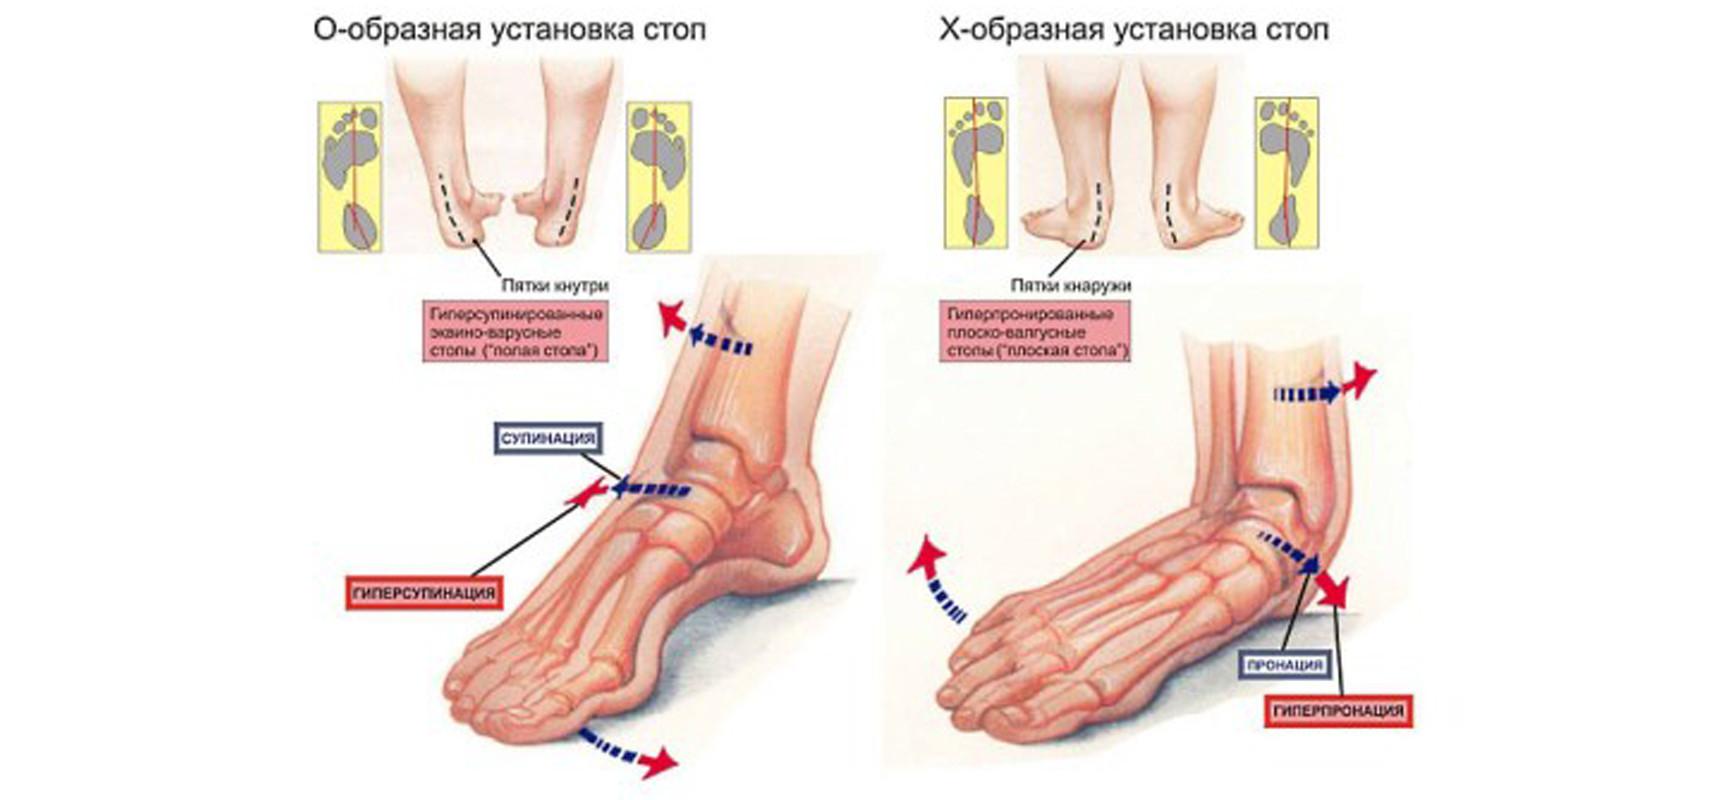 ЛФК для детей при вальгусной деформации стопы. Упражнения при вальгусной деформации стопы у детей